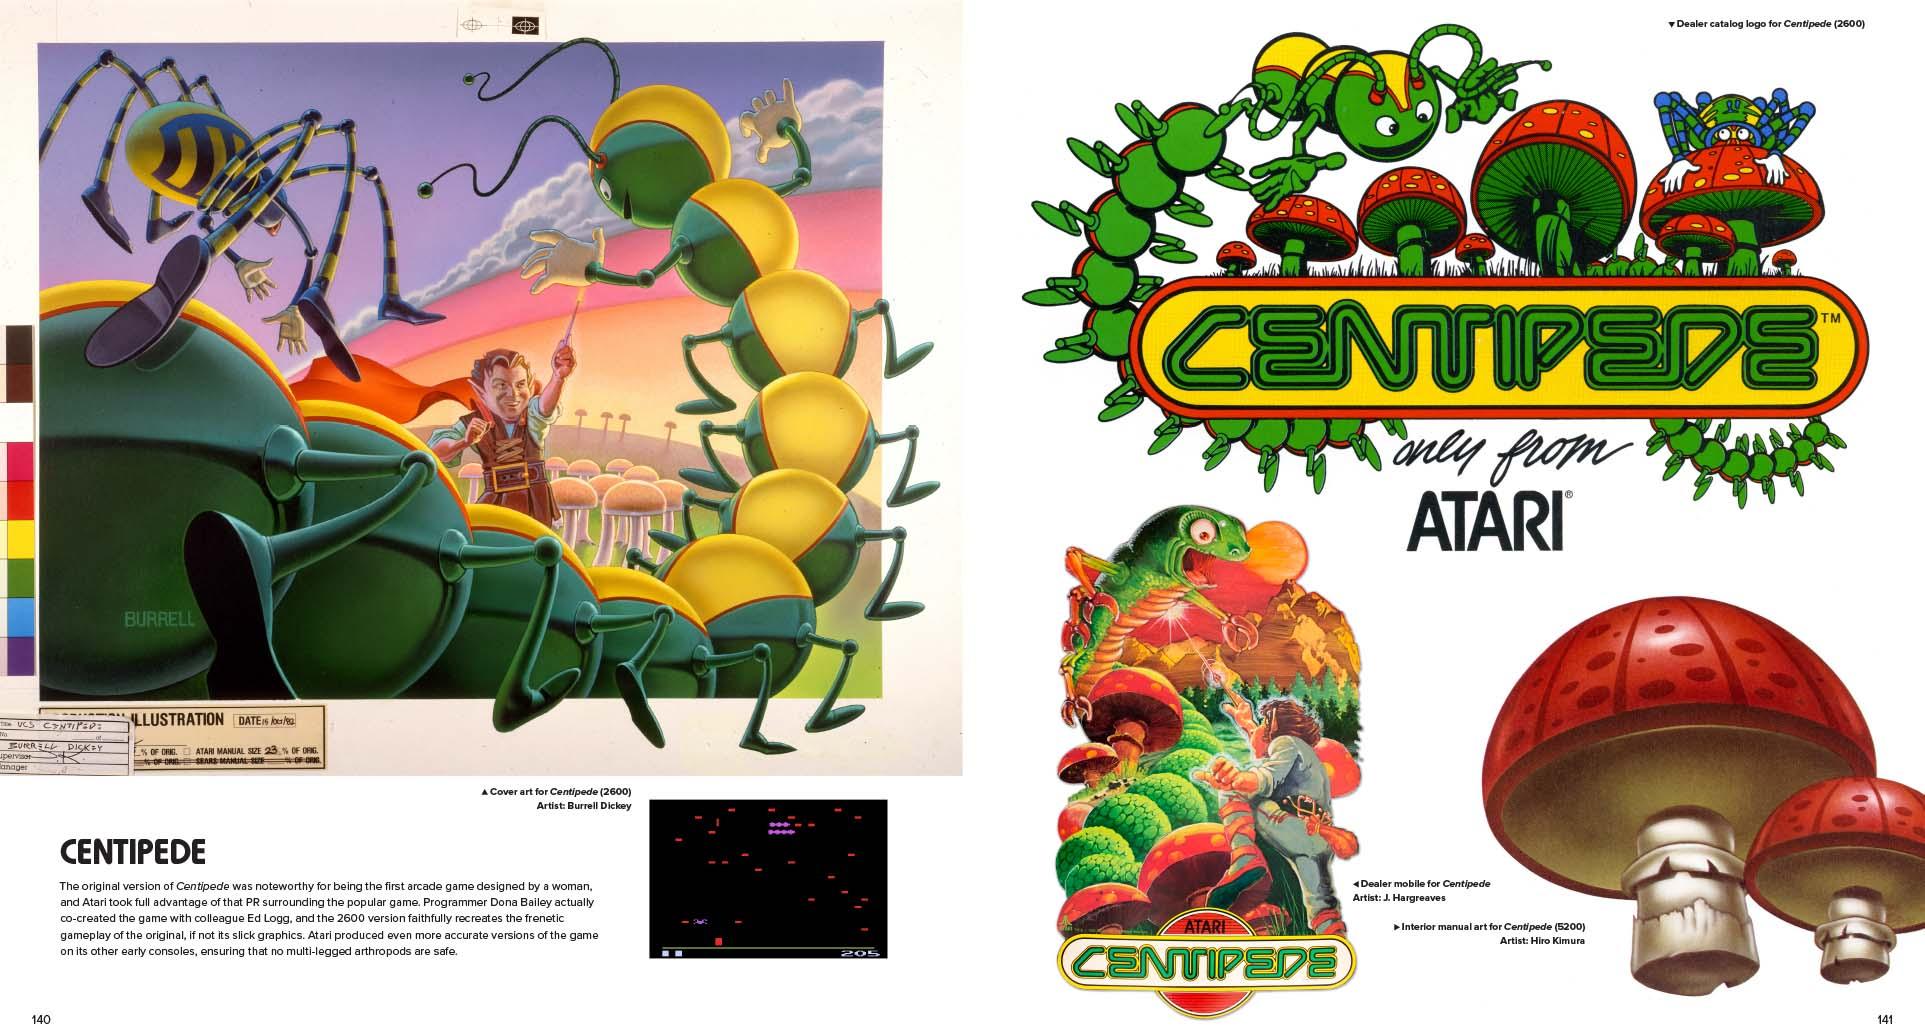 Art of Atari 140-141